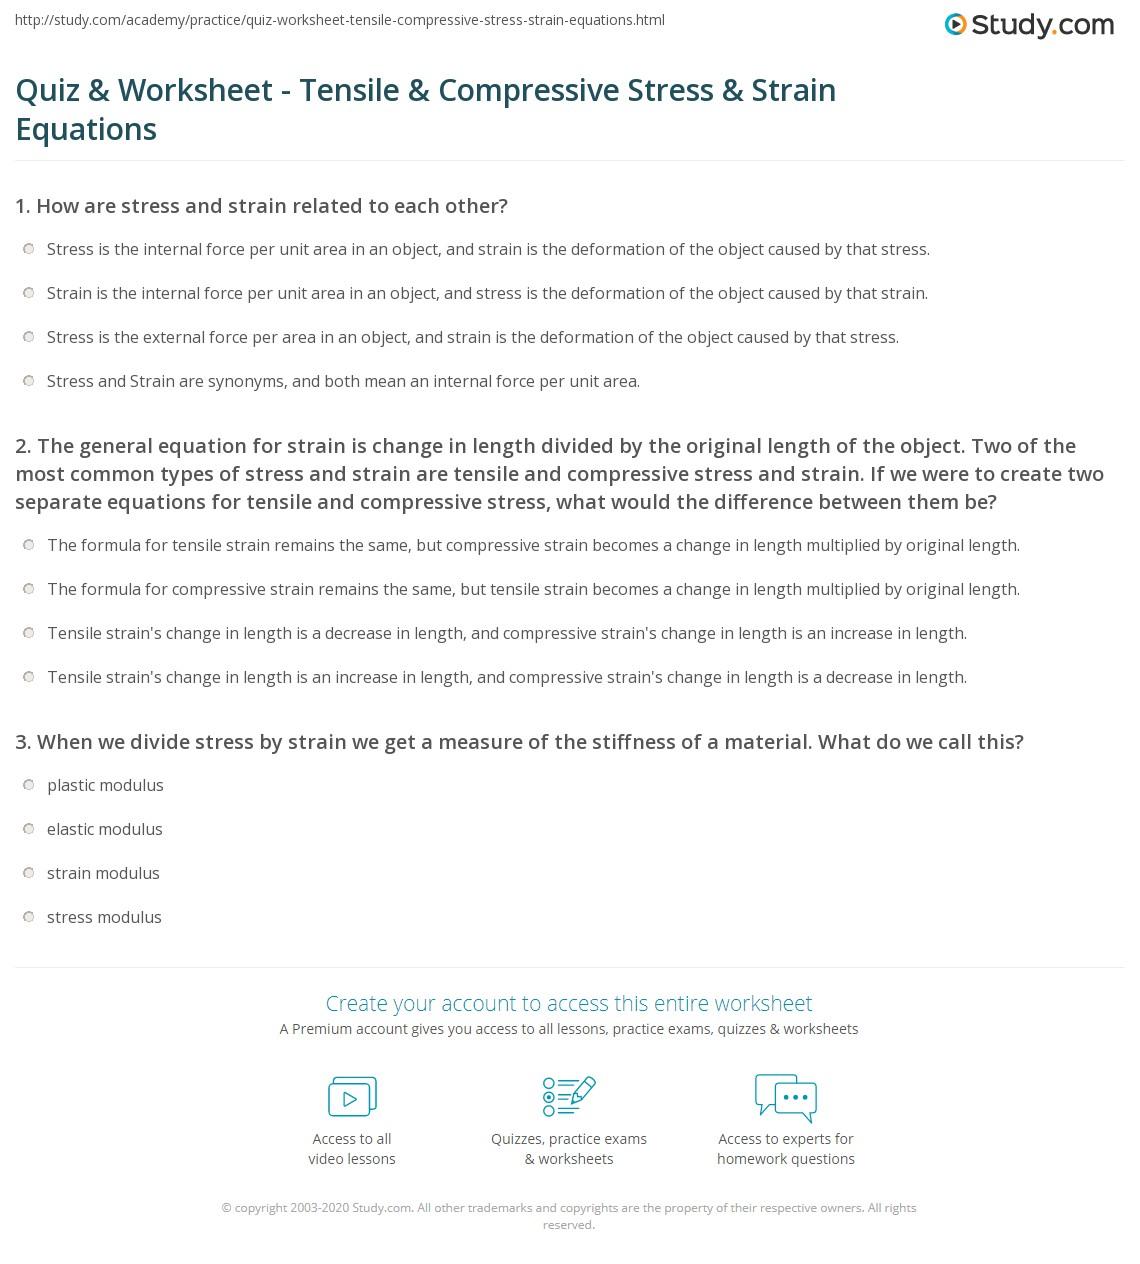 Quiz W Ksheet Tensile Pressive Stress Str Equ Ti S